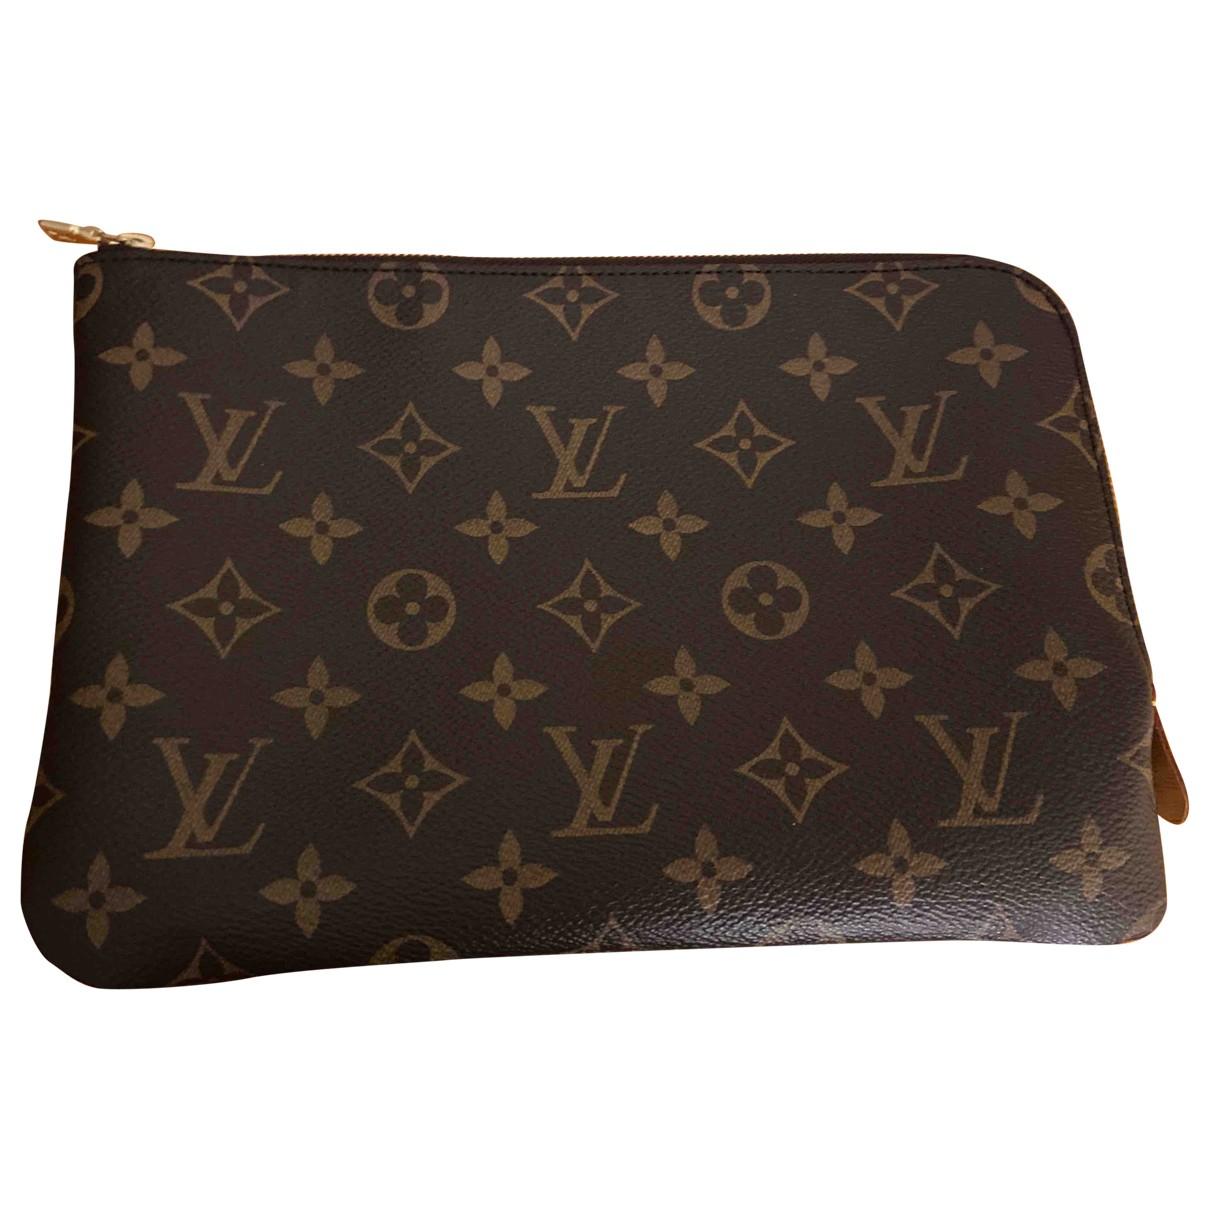 Louis Vuitton - Petite maroquinerie   pour femme en toile - camel